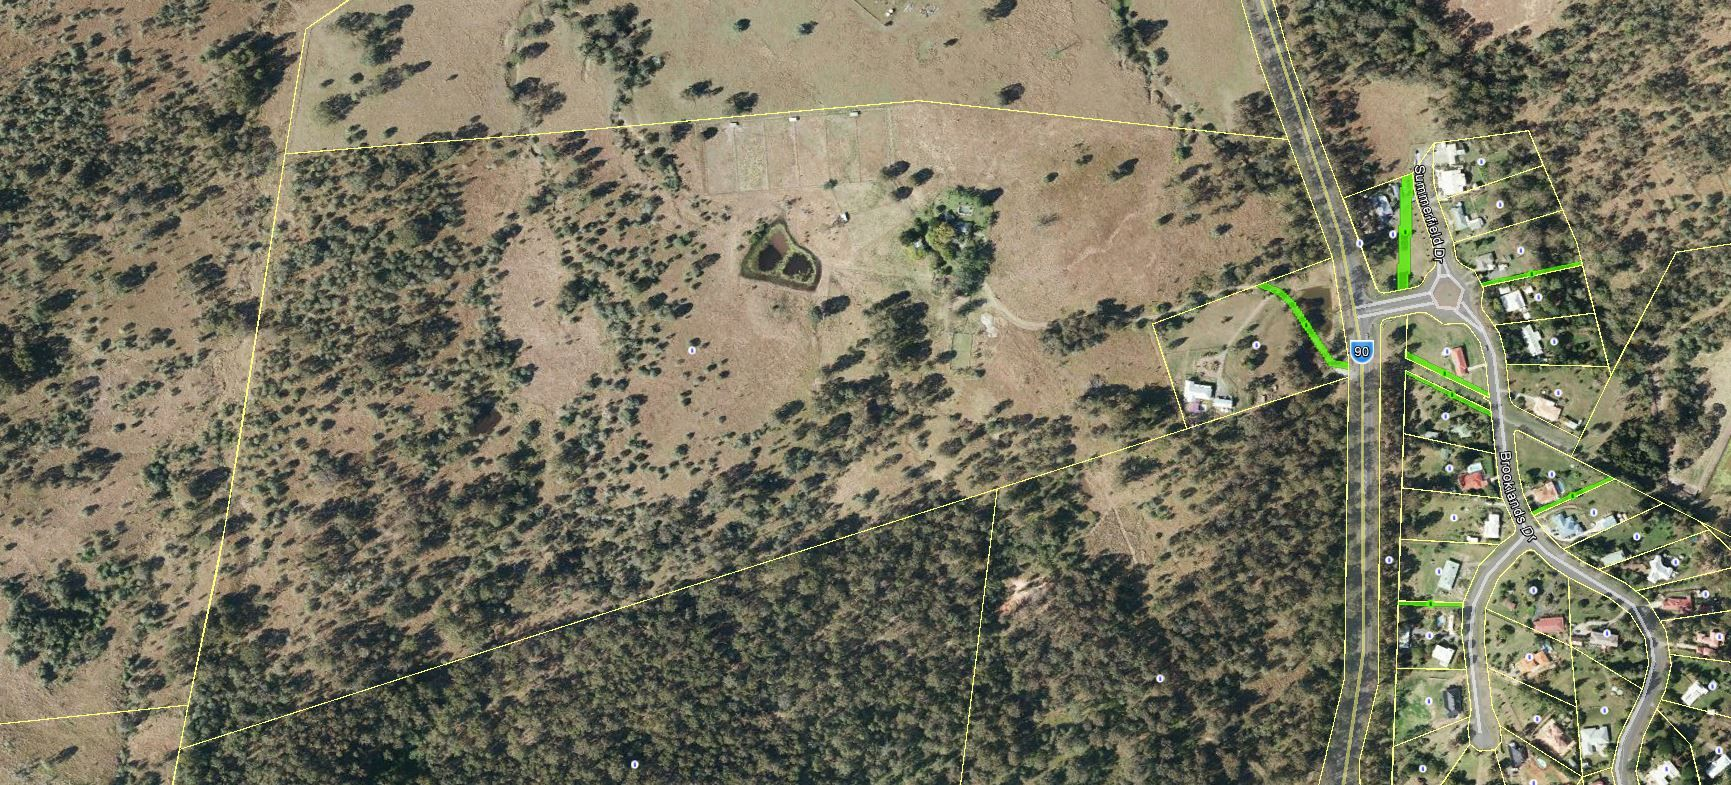 4432 Beaudesert-Nerang Rd, Beaudesert QLD 4285, Image 1